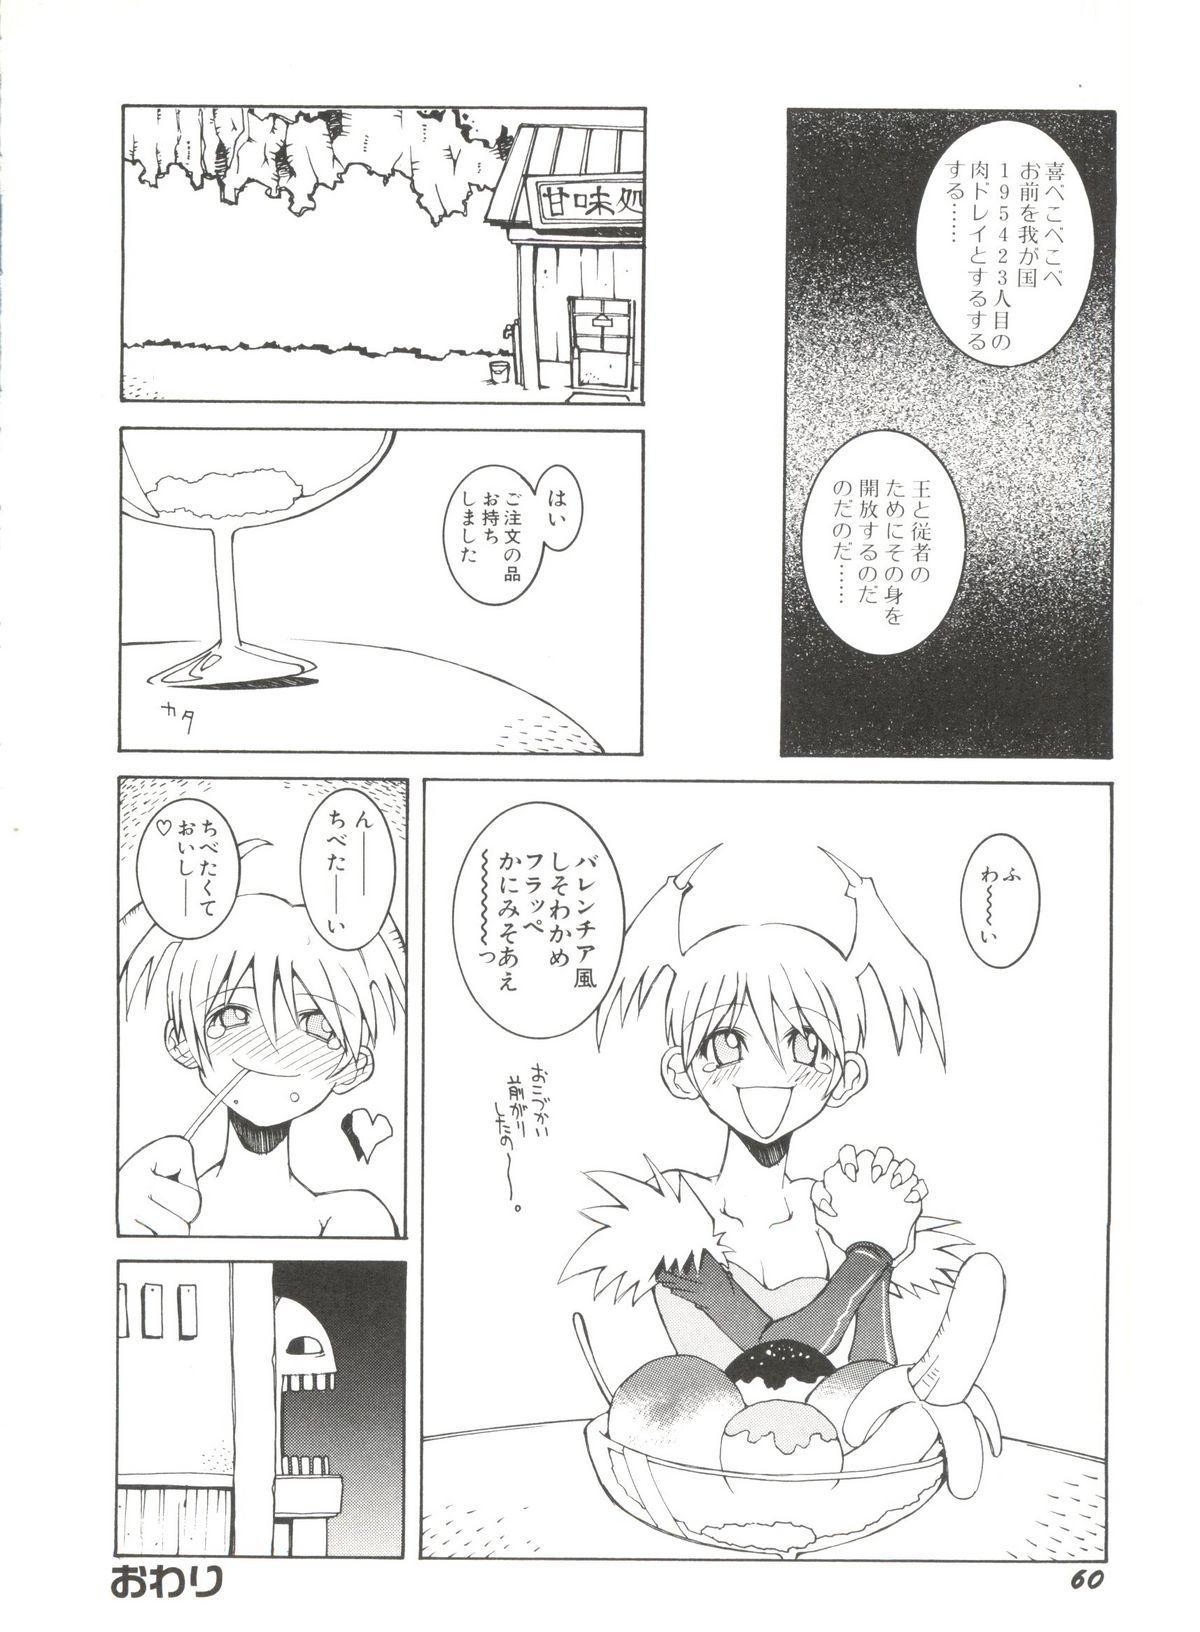 Denei Tamate Bako Bishoujo Doujinshi Anthology Vol. 2 - Nishinhou no Tenshi 63